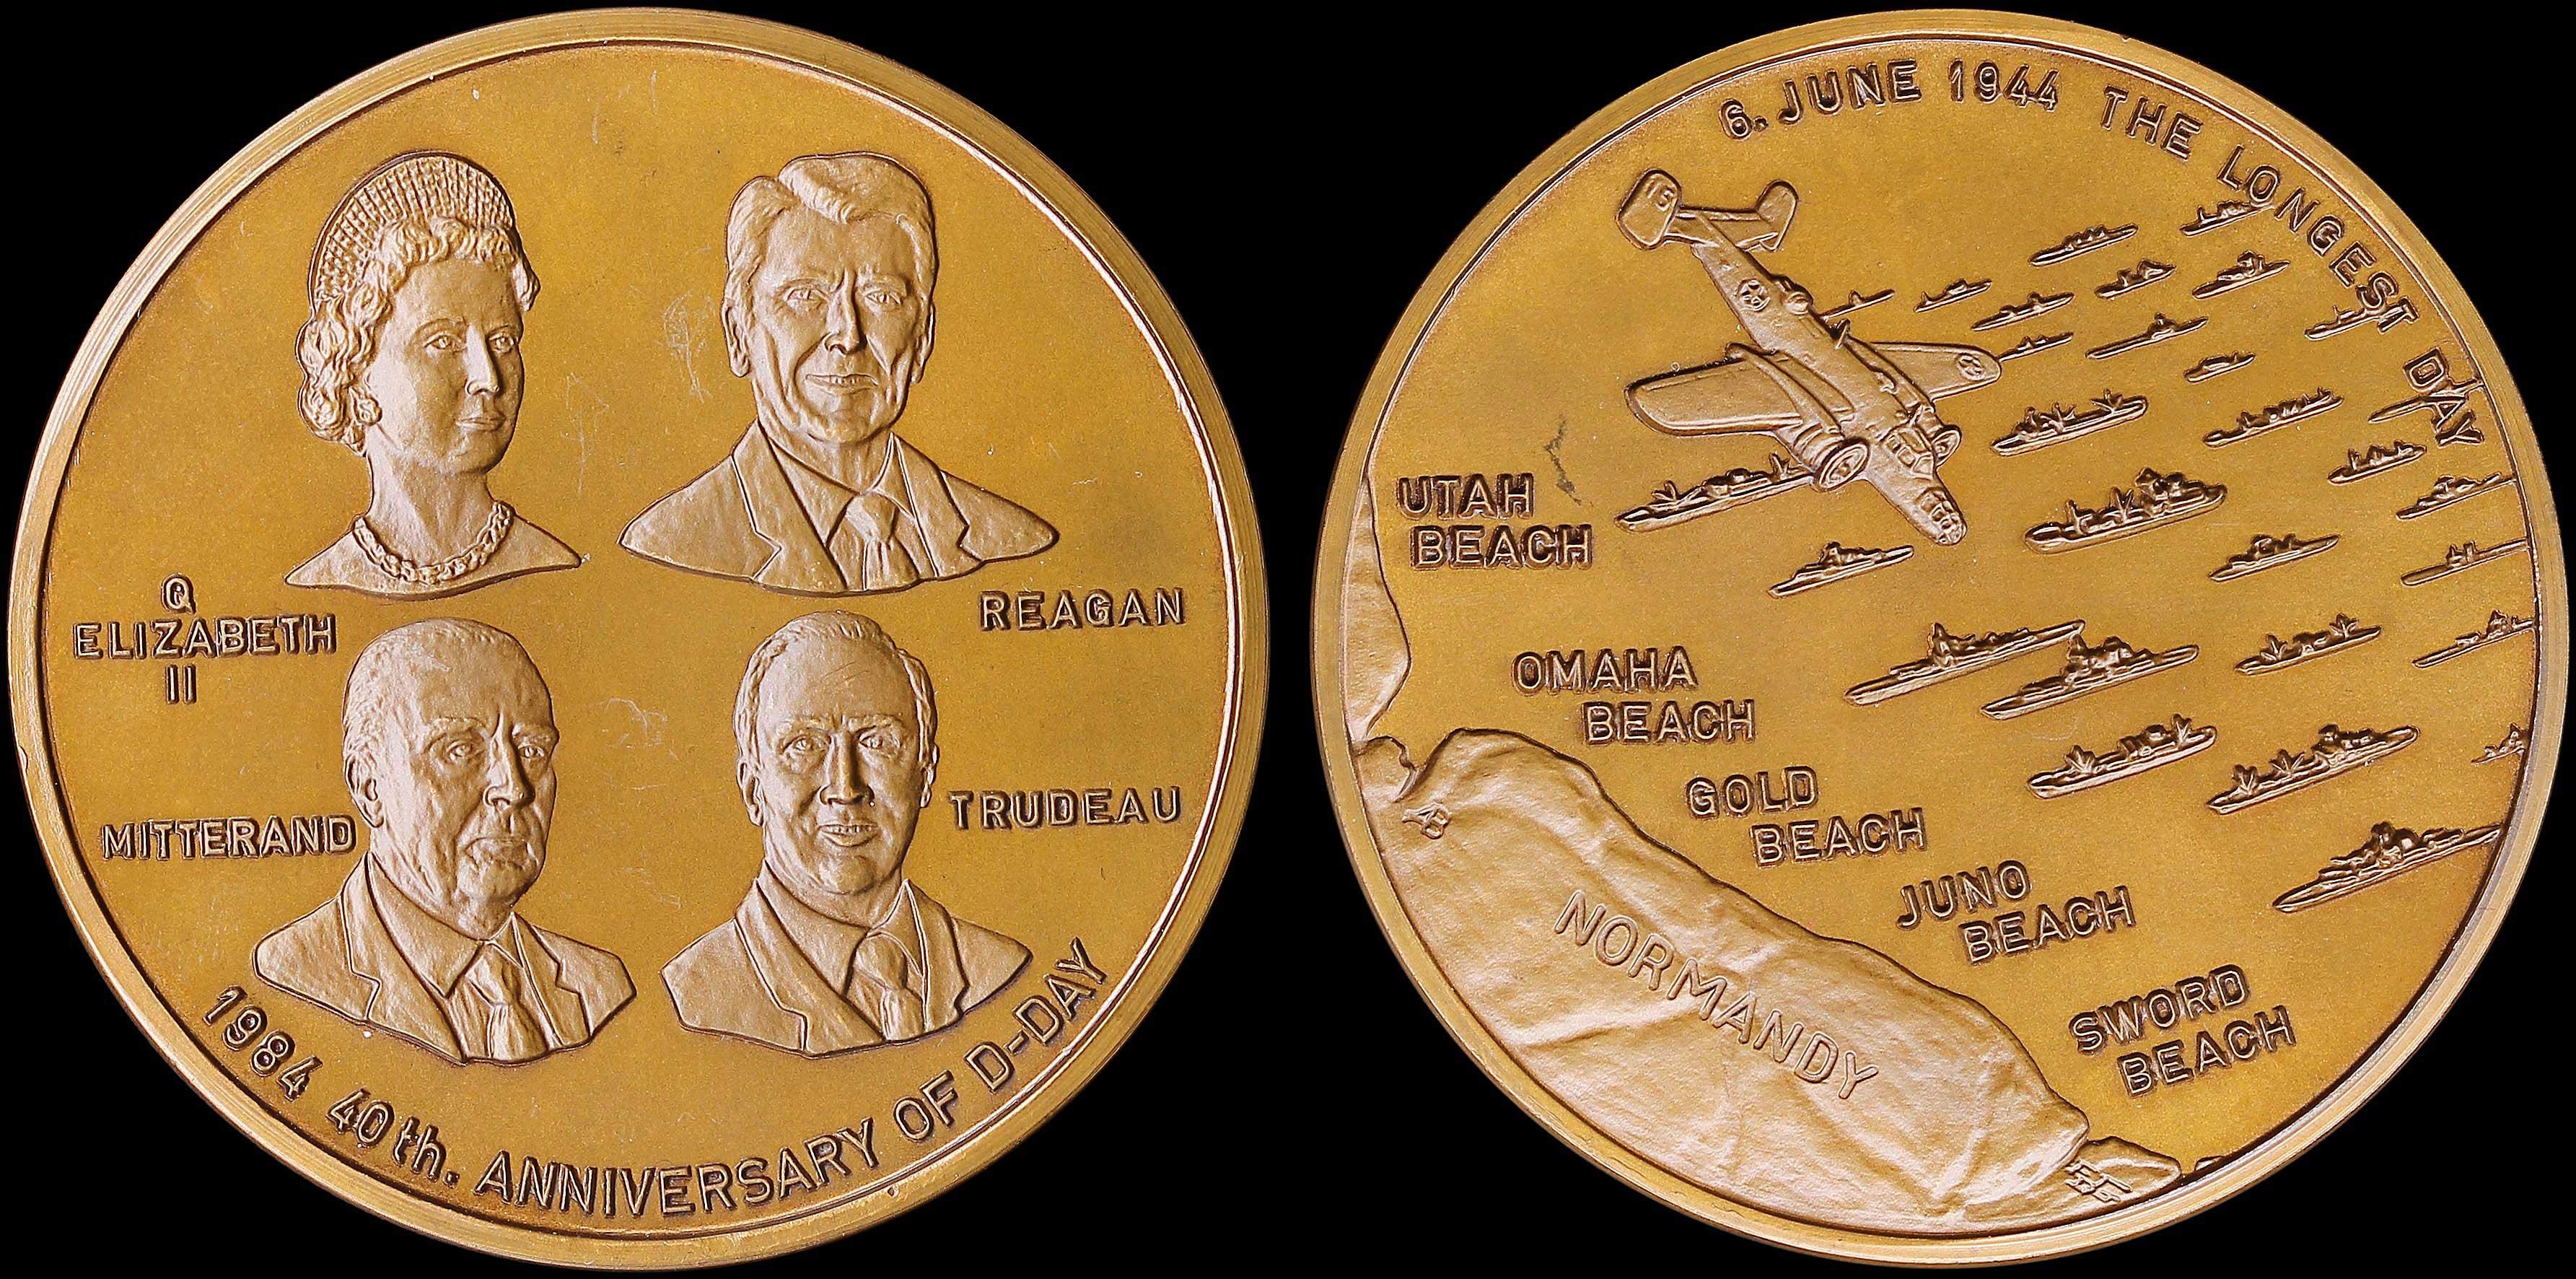 Lot 8999 - -  MEDALS & DECORATIONS FOREIGN MEDALS & DECORATIONS -  A. Karamitsos Public & Live Bid Auction 644 Coins, Medals & Banknotes